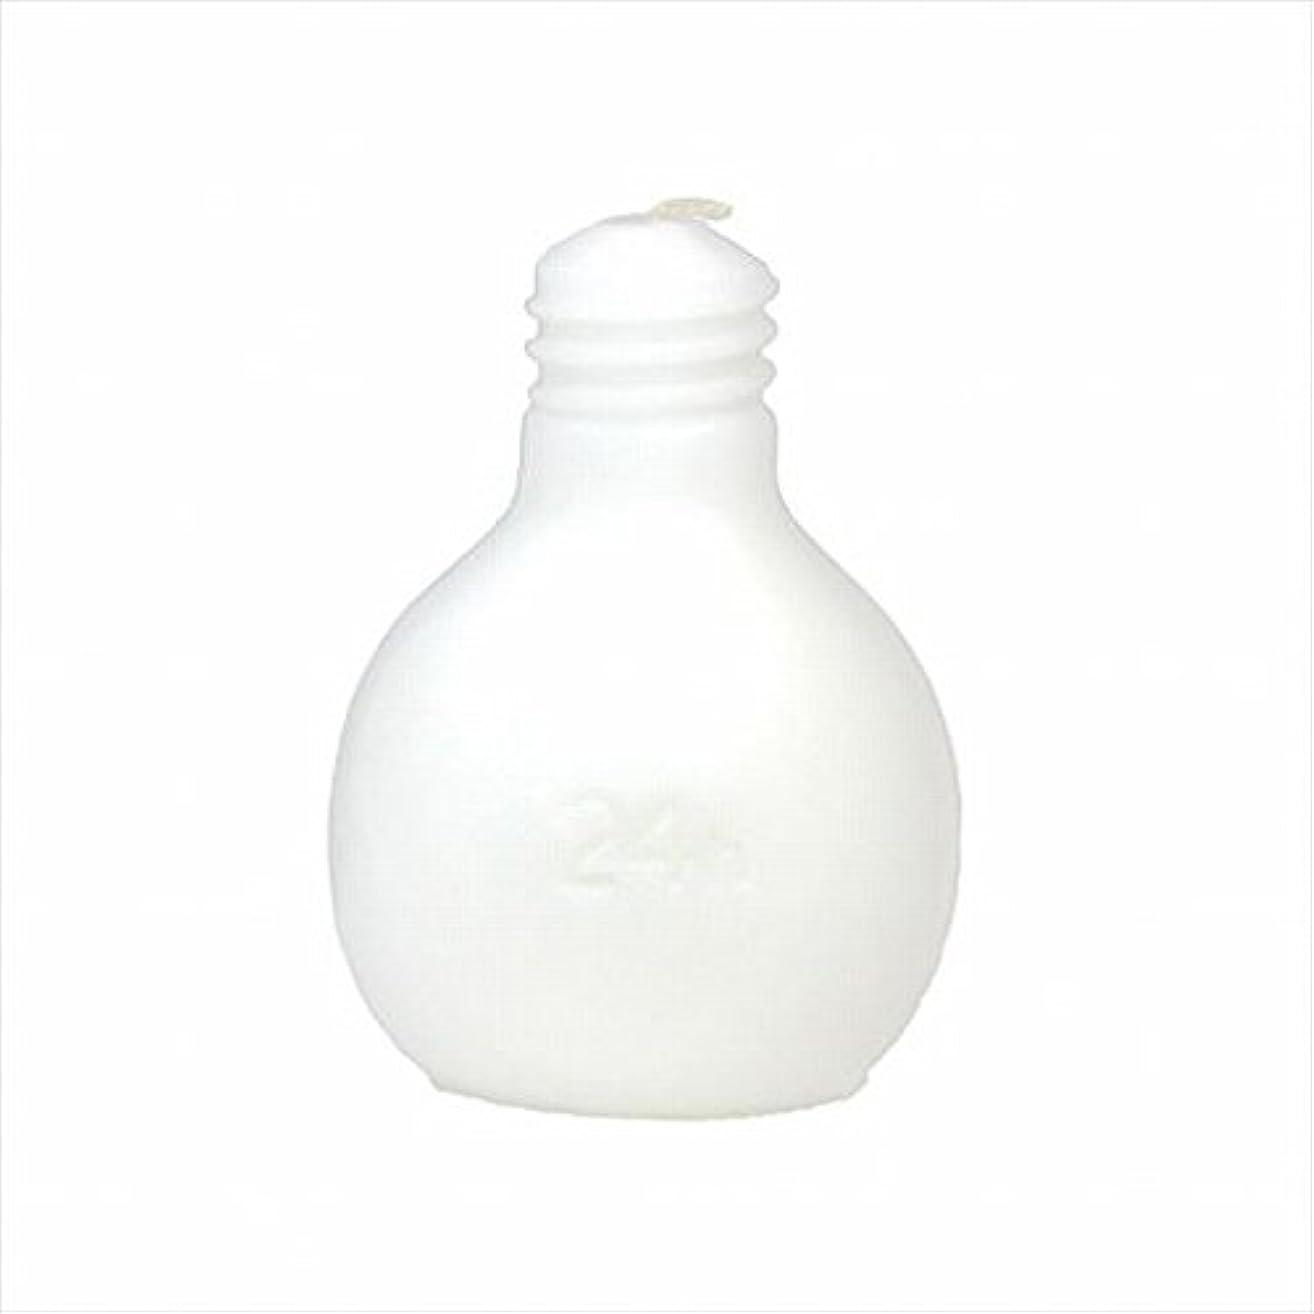 習慣十分白いカメヤマキャンドル(kameyama candle) 節電球キャンドル 「 ホワイト 」